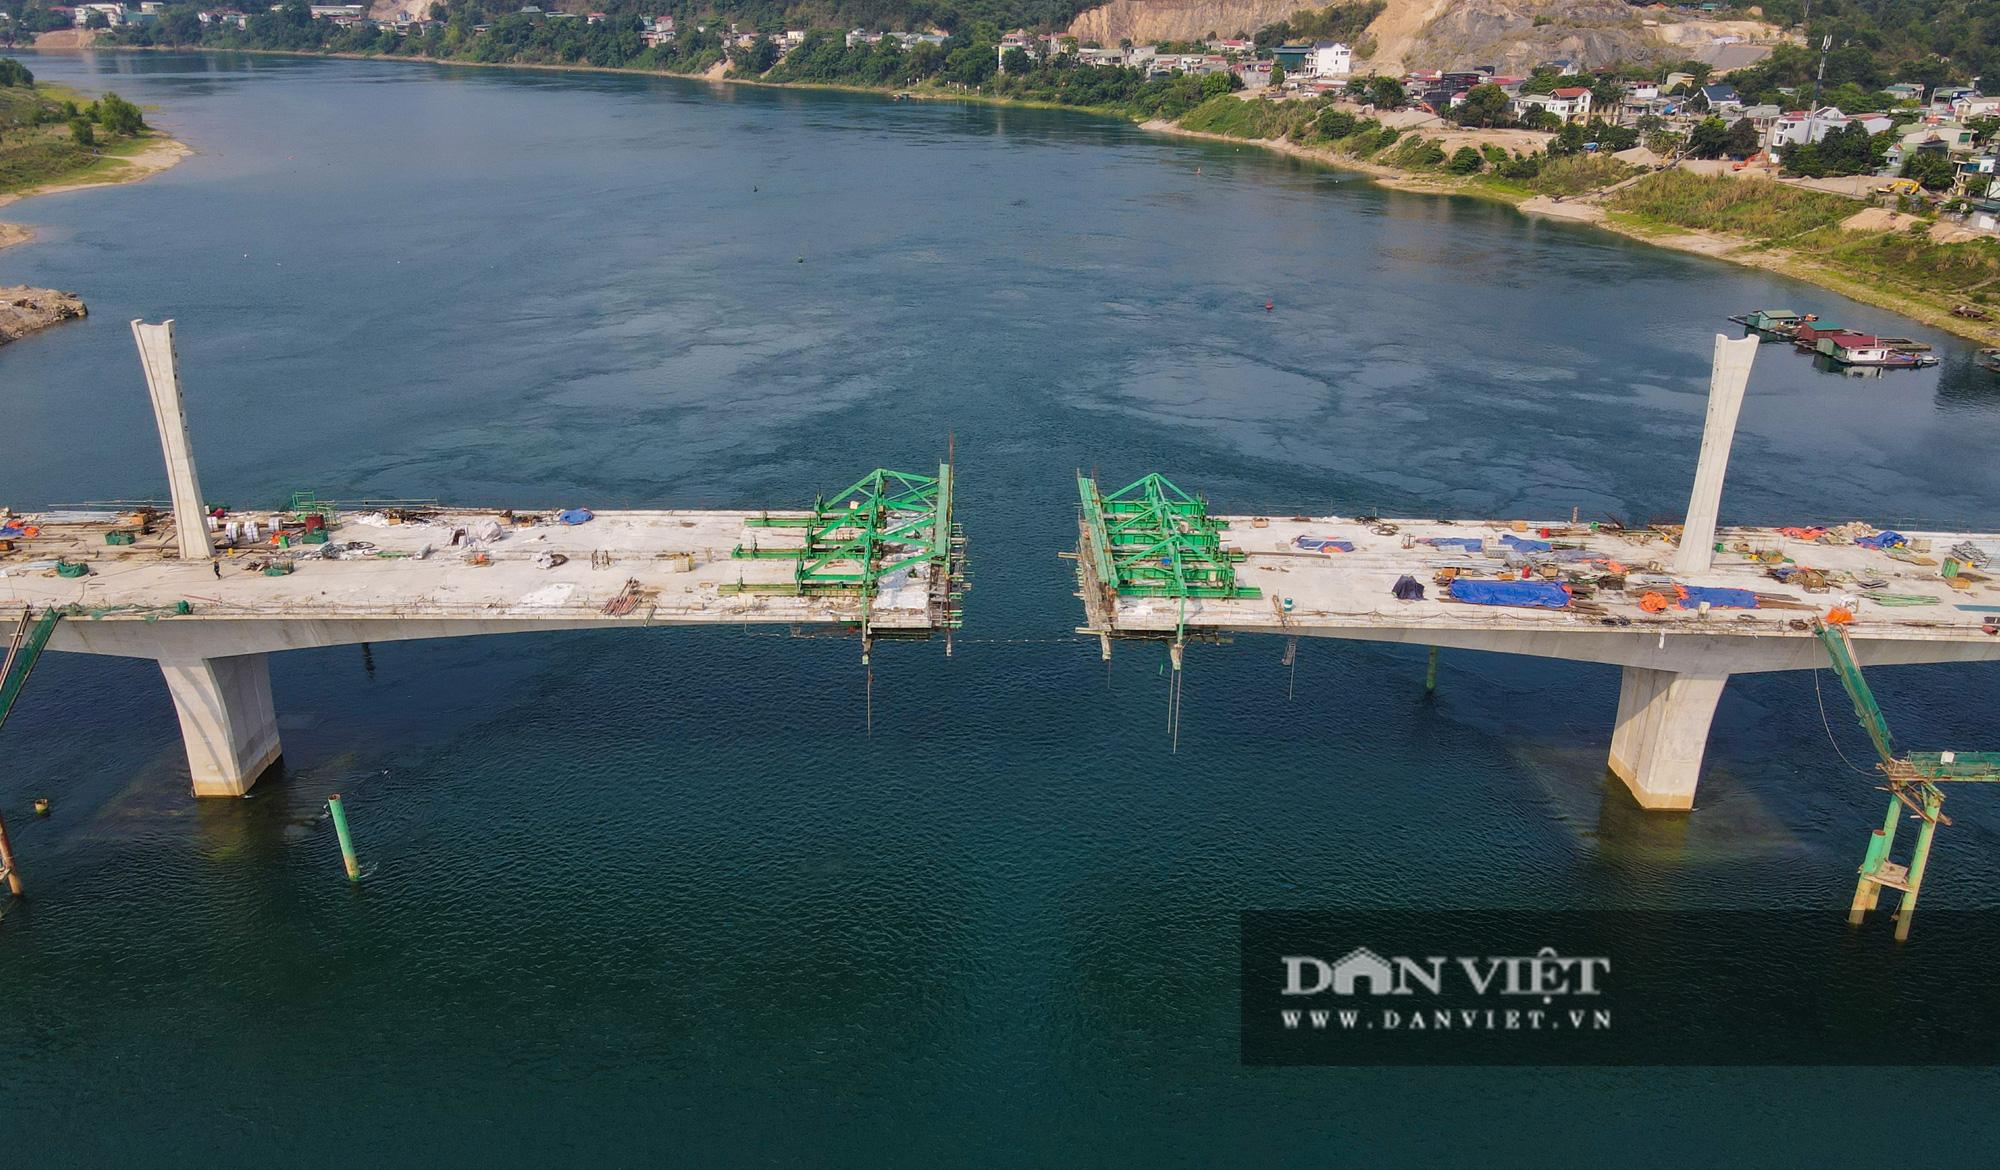 Toàn cảnh cây cầu Hoà Bình 2 trị giá gần 600 tỷ bắc qua sông Đà - Ảnh 6.